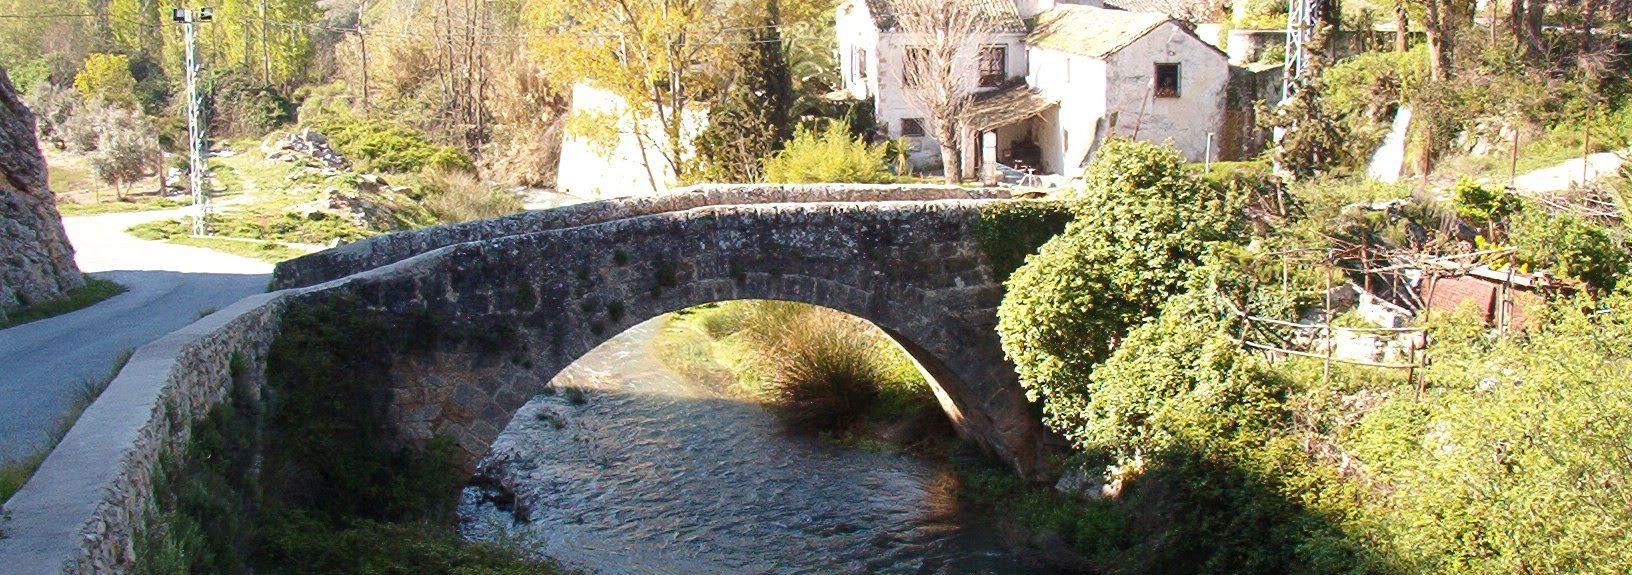 Frailes, Jaén, Spain